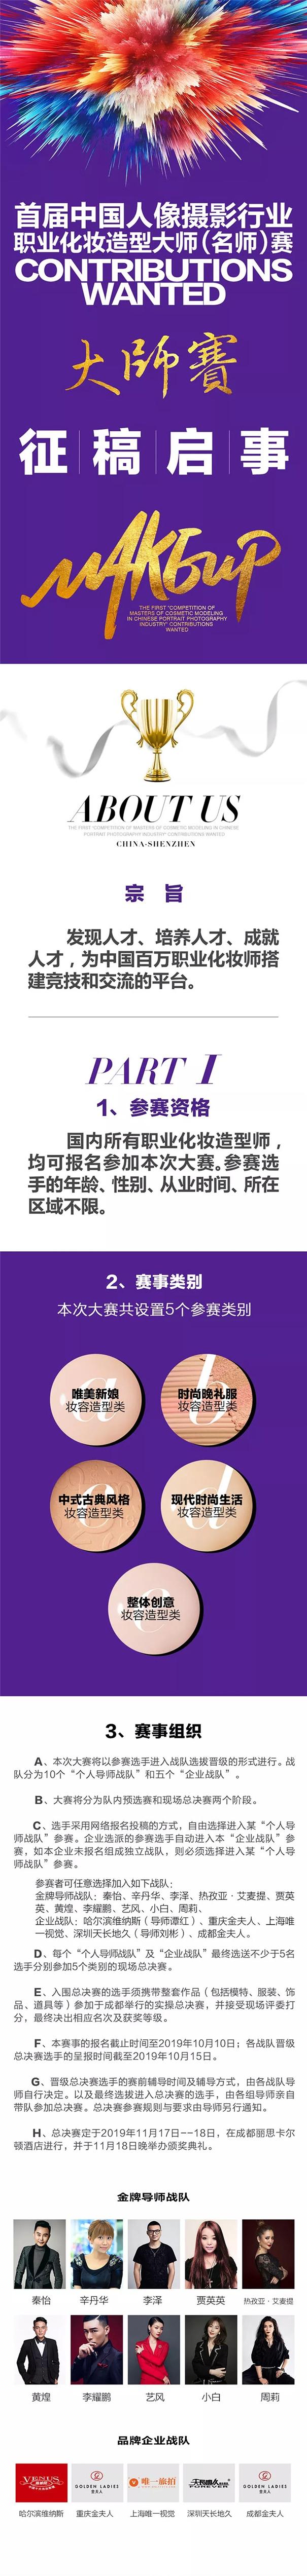 首届中国人像职业化妆造型大师赛征稿开启